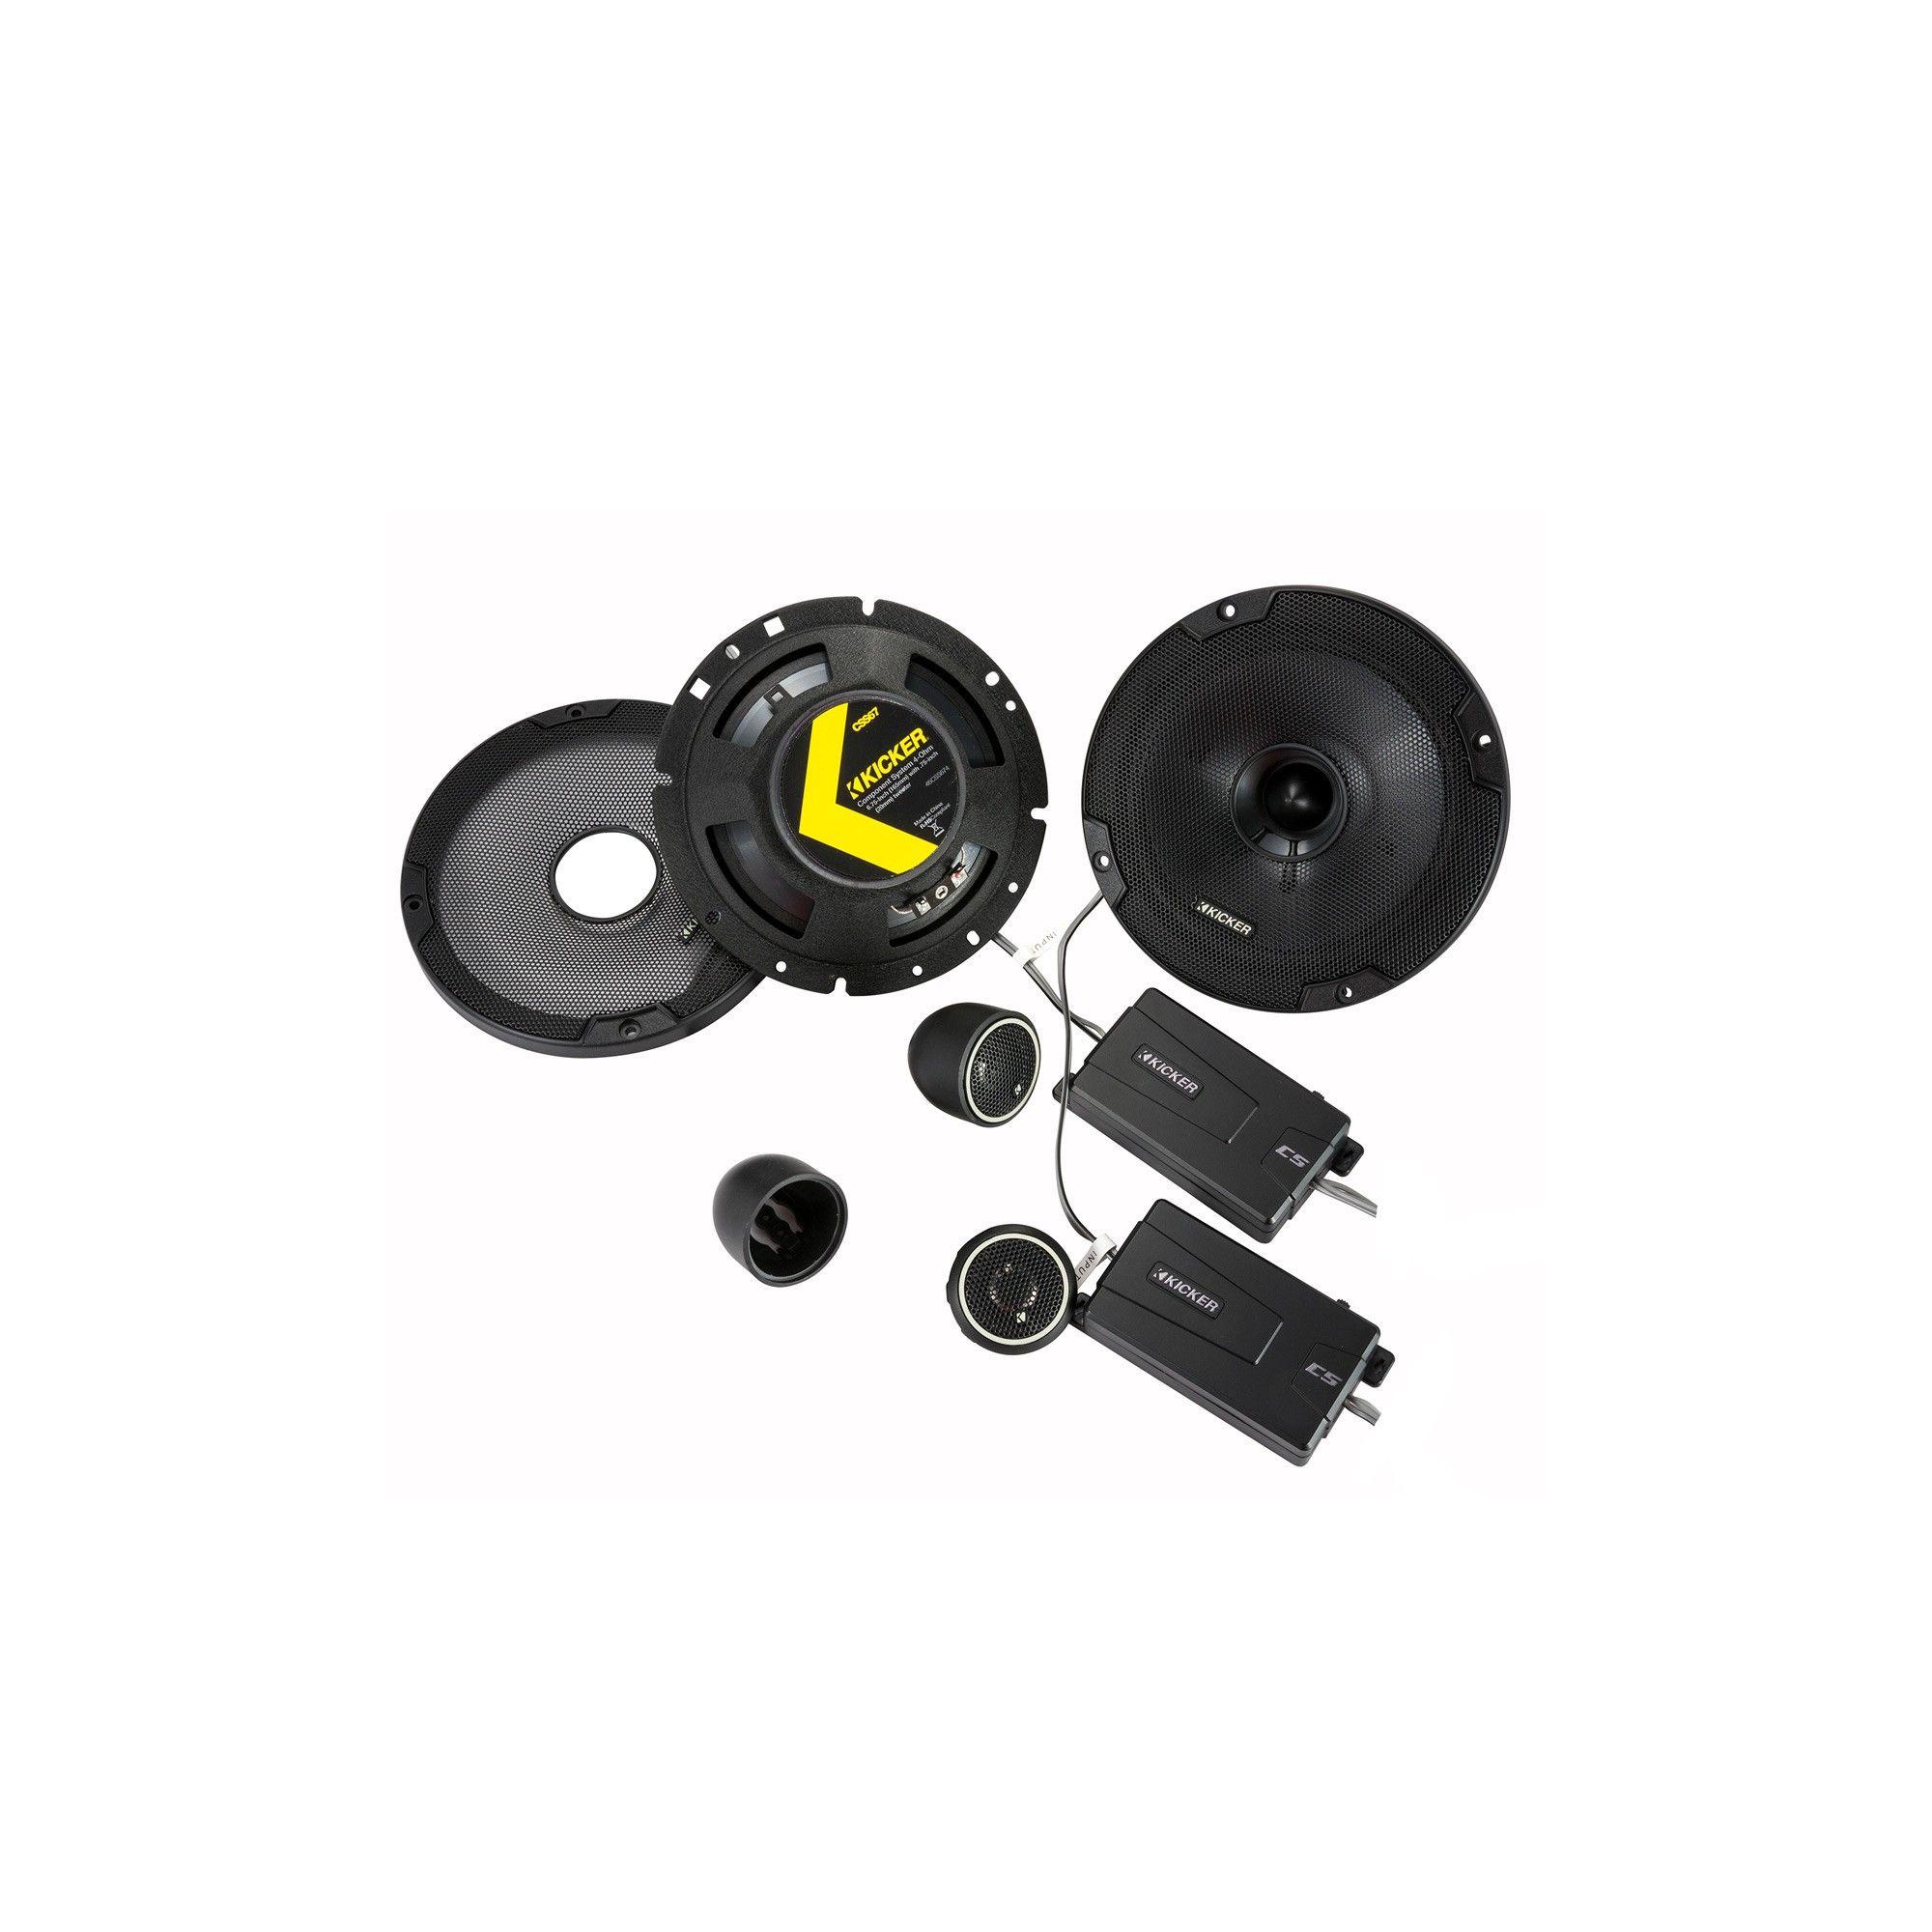 Kicker 46CSS674 CS-Series 6-3/4 2-Way Component Speakers, Black #componentspeakers